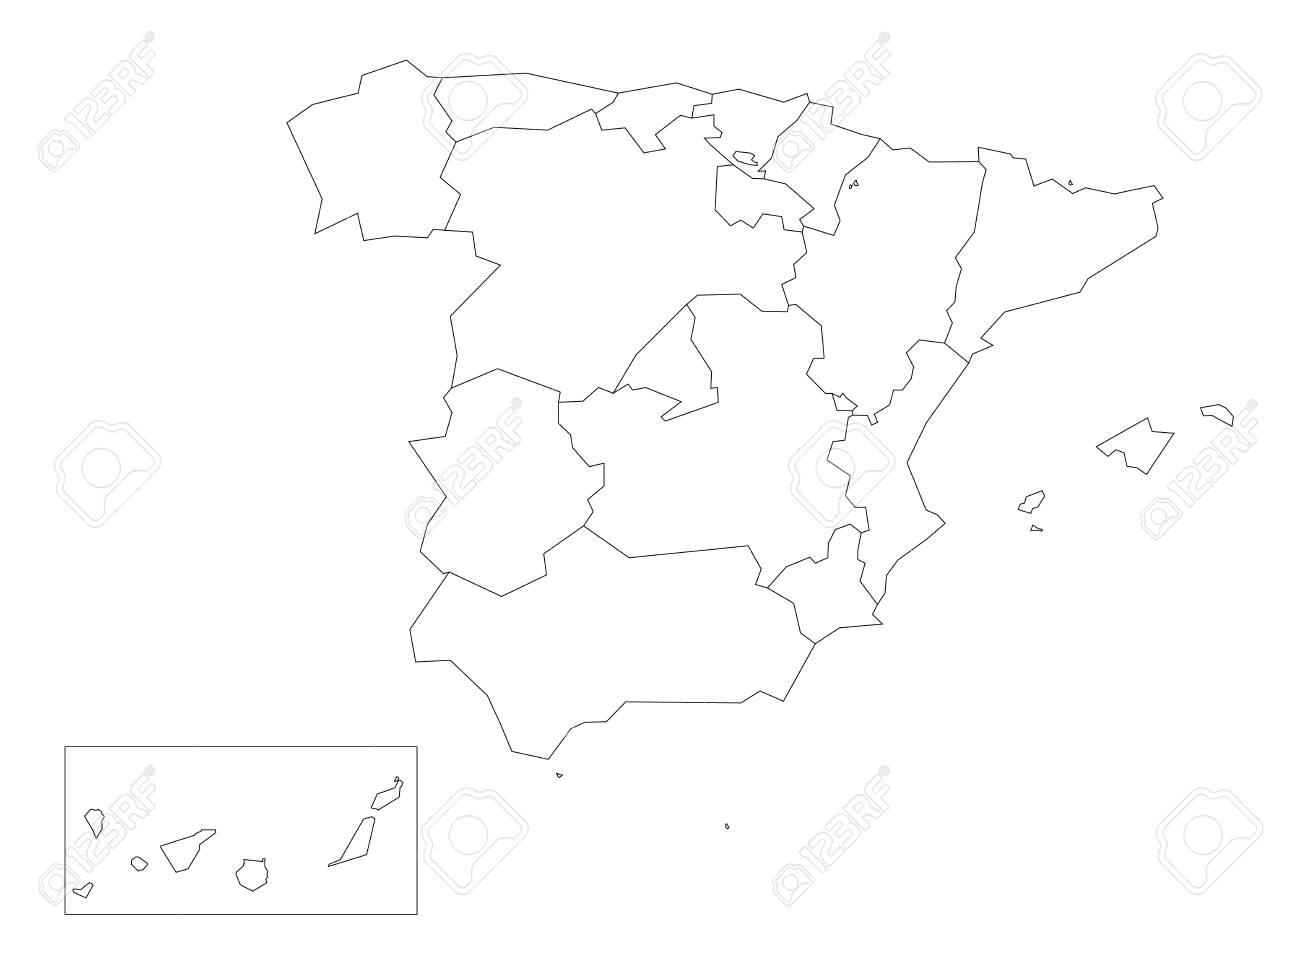 Carte Espagne Noir.Carte De L Espagne Divisee En 17 Communautes Autonomes Administratives Simple Contour Noir Mince Sur Fond Blanc